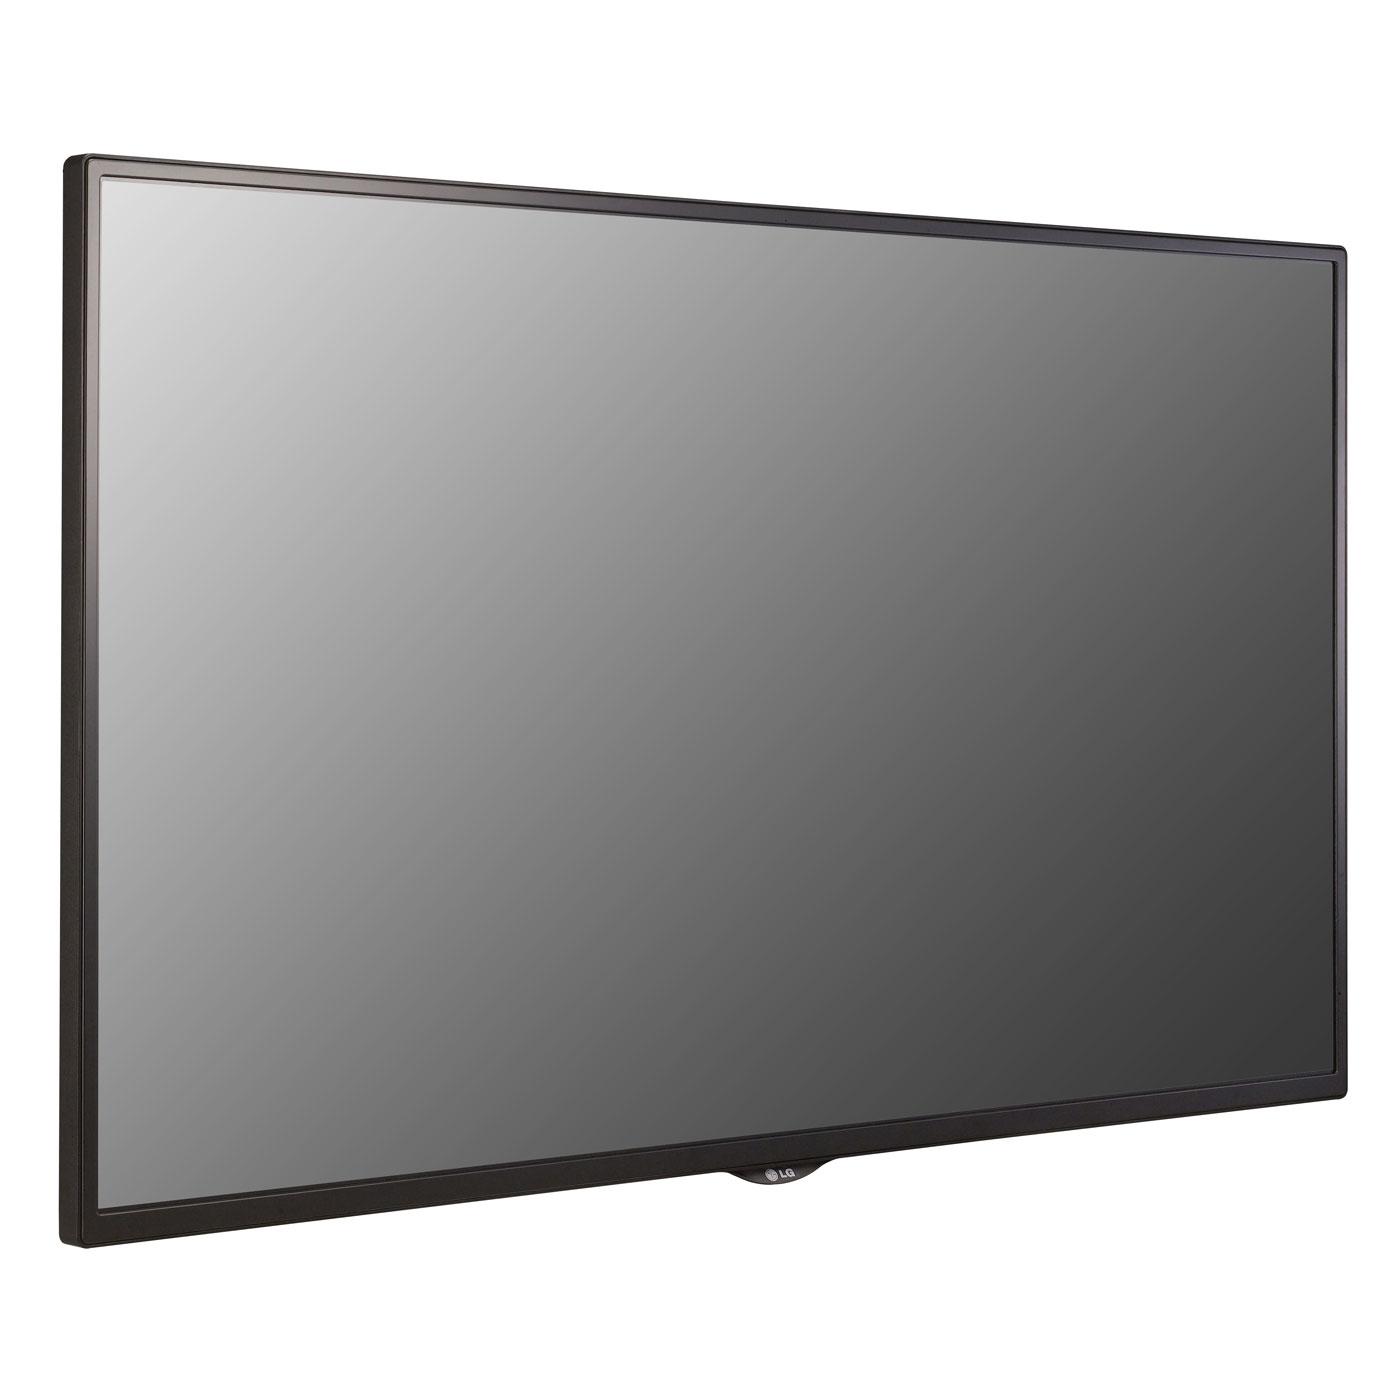 lg 55sm5kb ecran dynamique lg sur. Black Bedroom Furniture Sets. Home Design Ideas